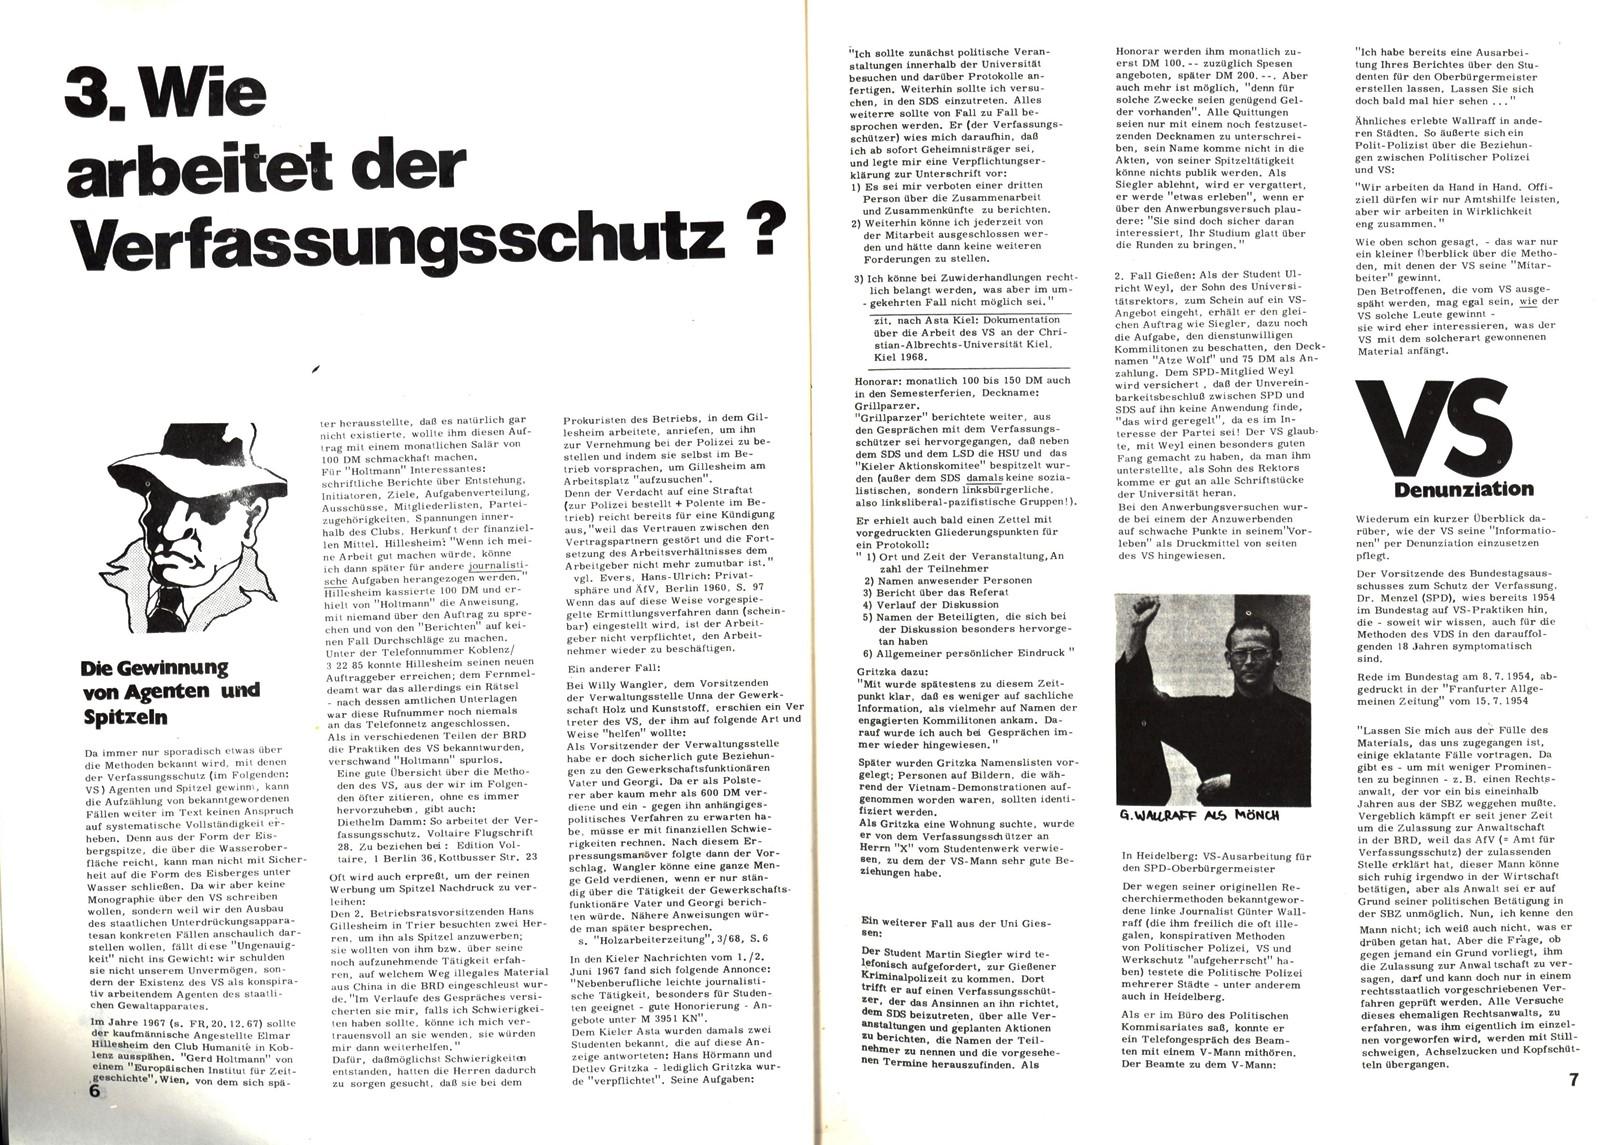 Mainz_VDS_AStA_1972_Staatsfeind_05